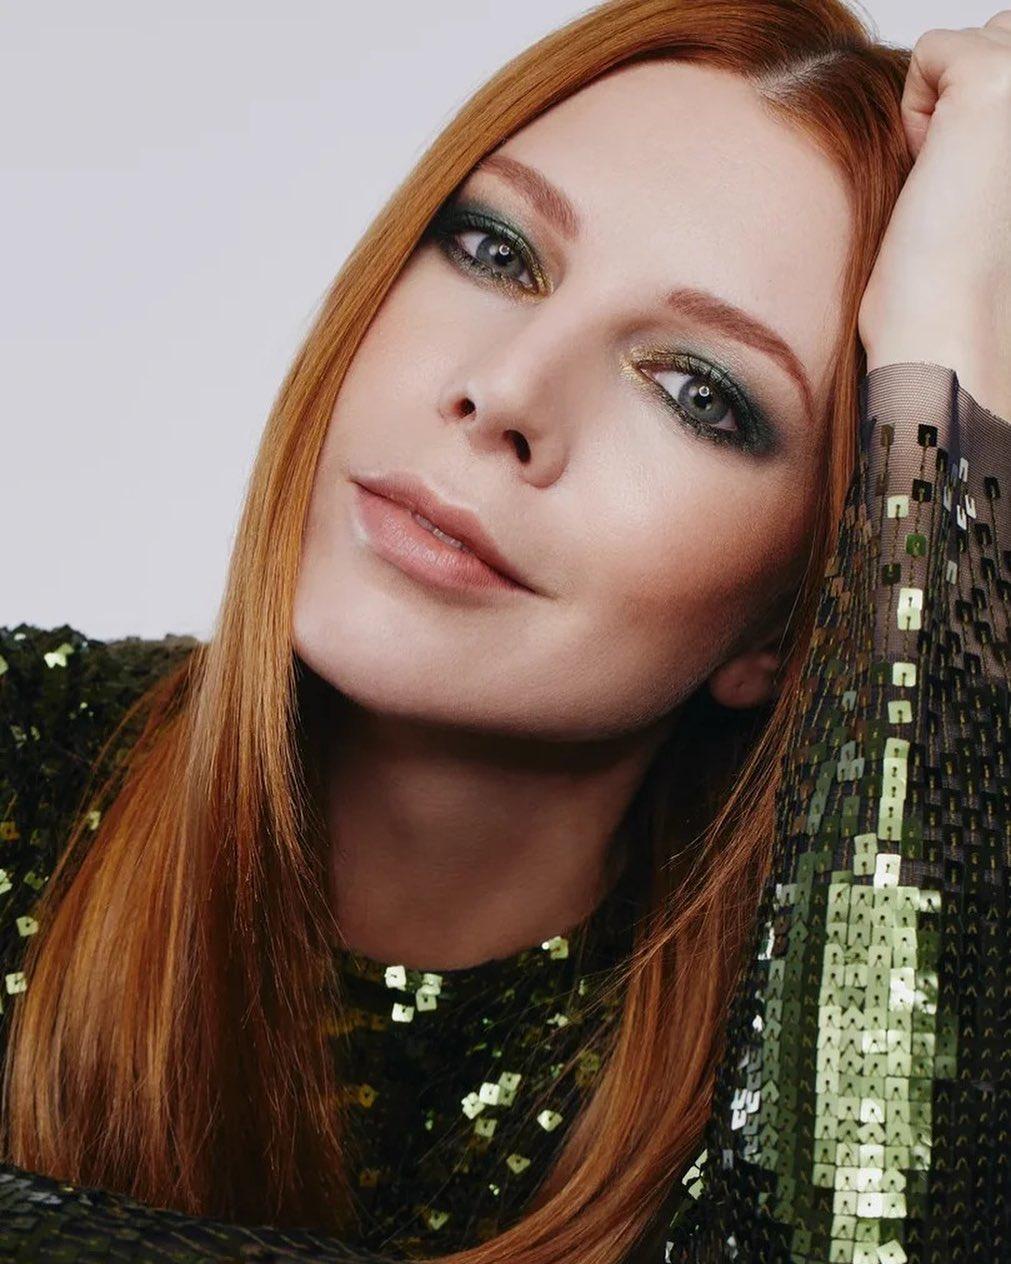 Наталья Подольская — Плачь, новый альбом 2020 года   Музолента